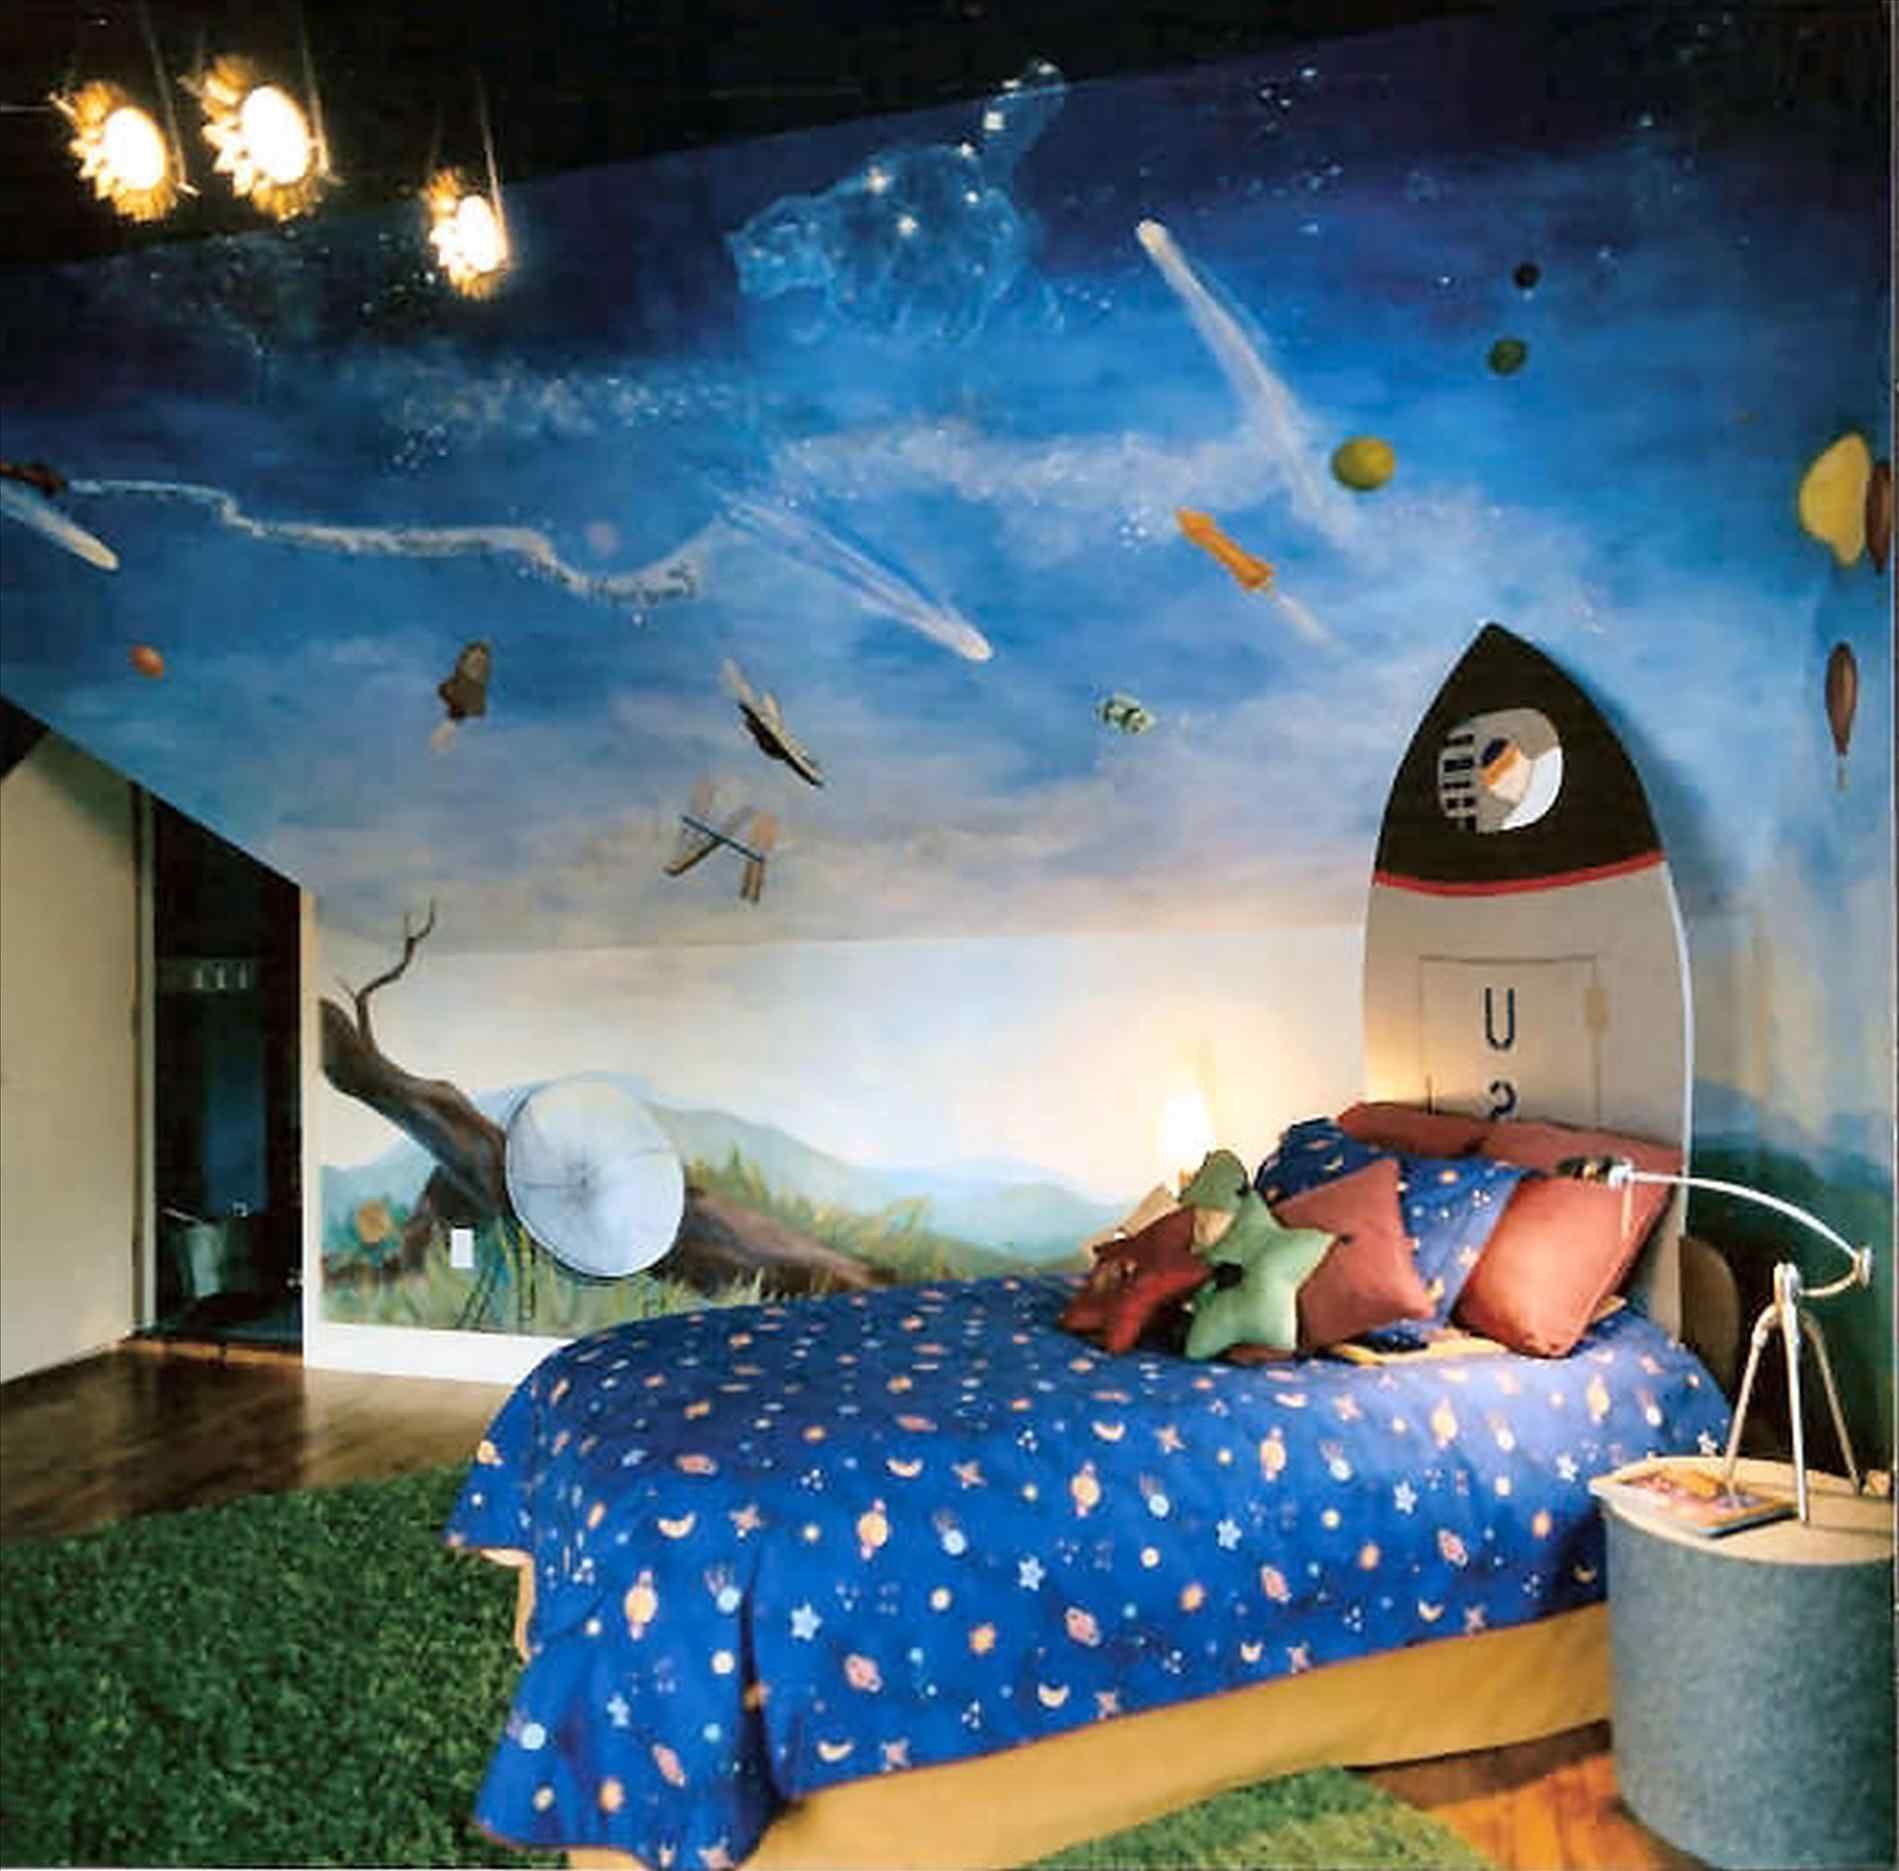 Einzel-schlafzimmer-wohndesign dekorative decken designs decken ideen für wohnzimmer home decke